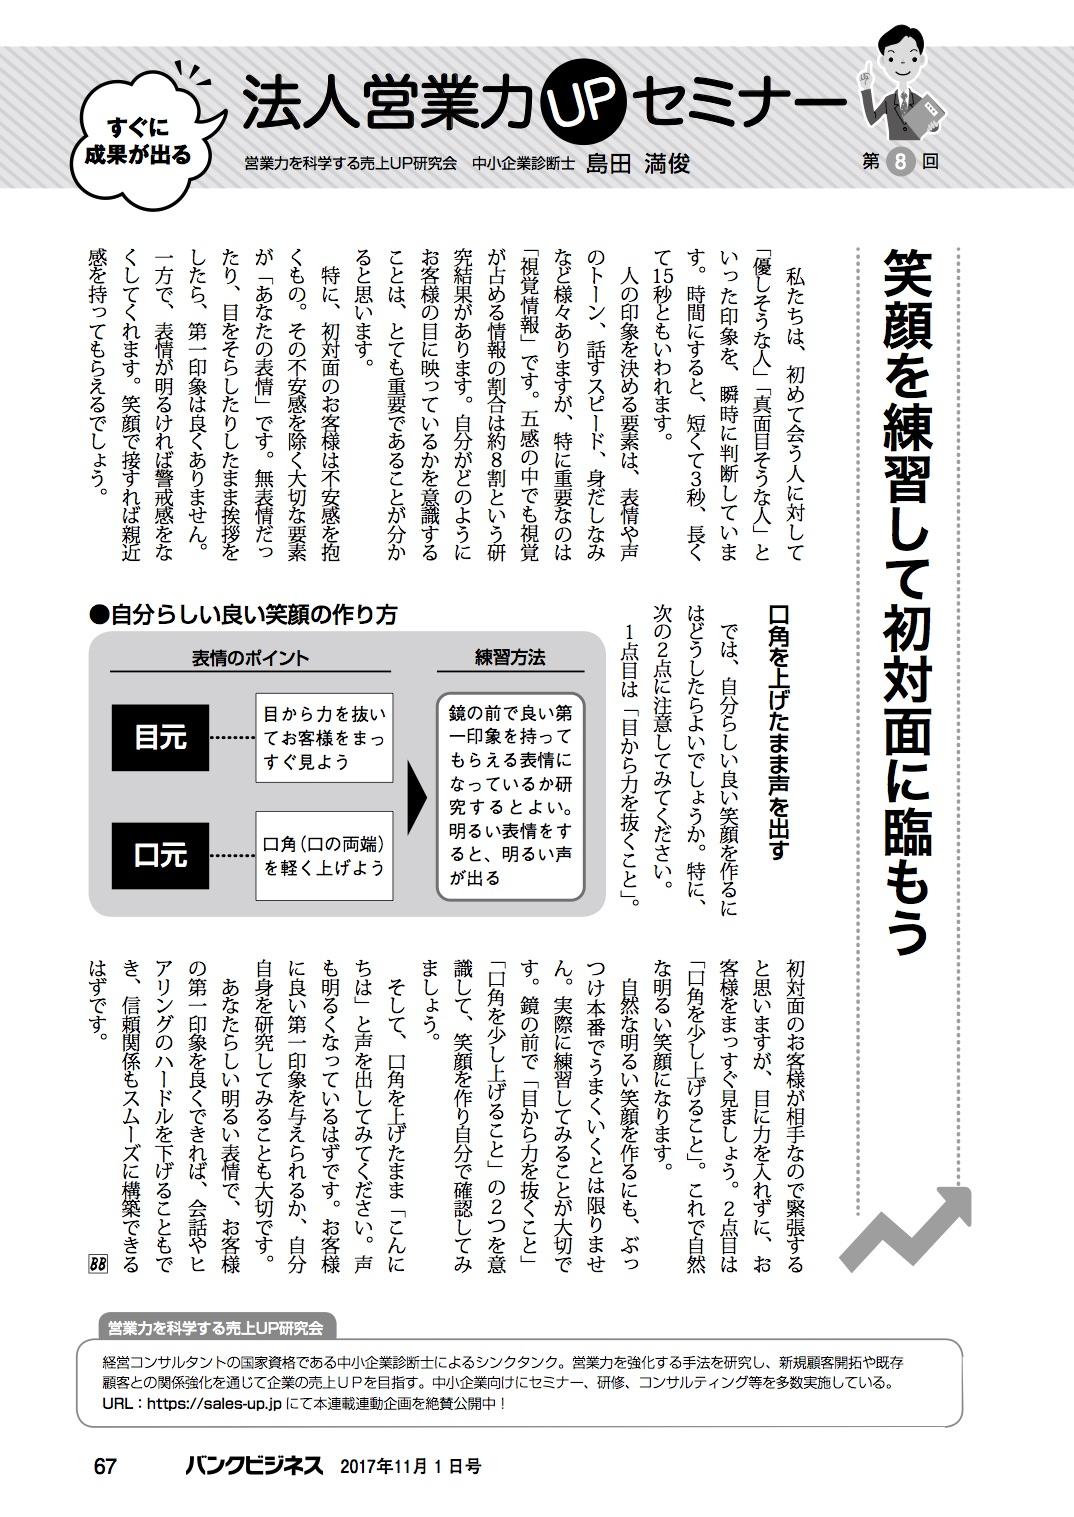 バンクビジネス紙201711号